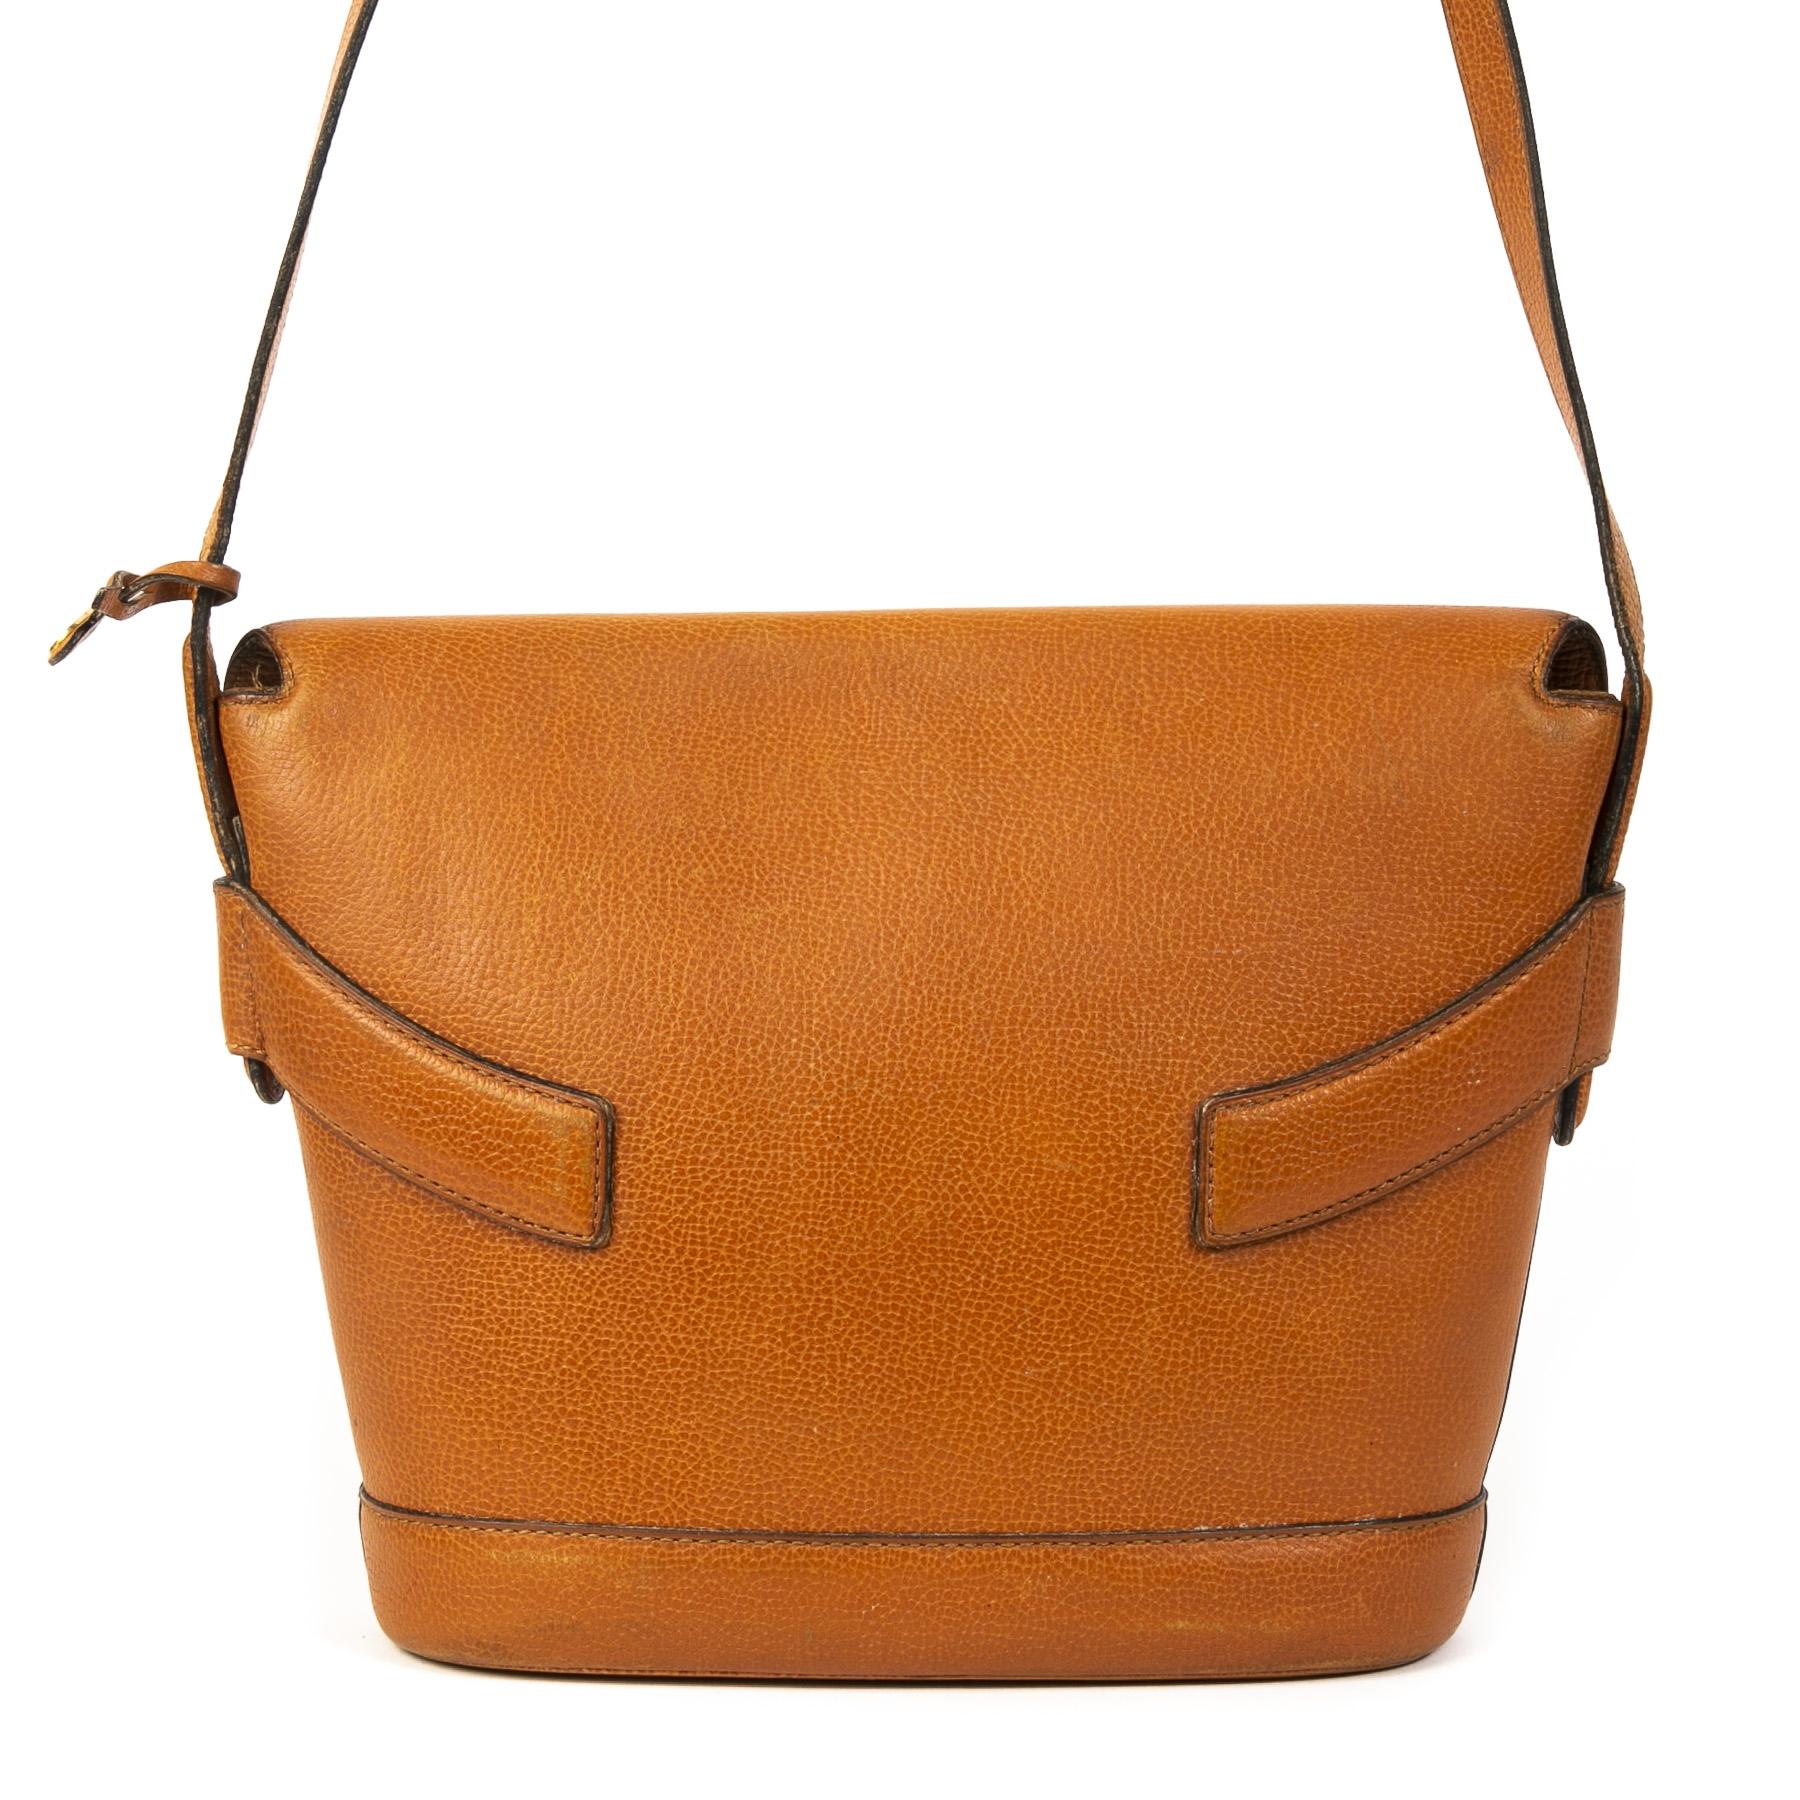 Authentieke Tweedehands Delvaux Cognac Leather Front Flap Shoulder Bag juiste prijs veilig online shoppen luxe merken webshop winkelen Antwerpen België mode fashion